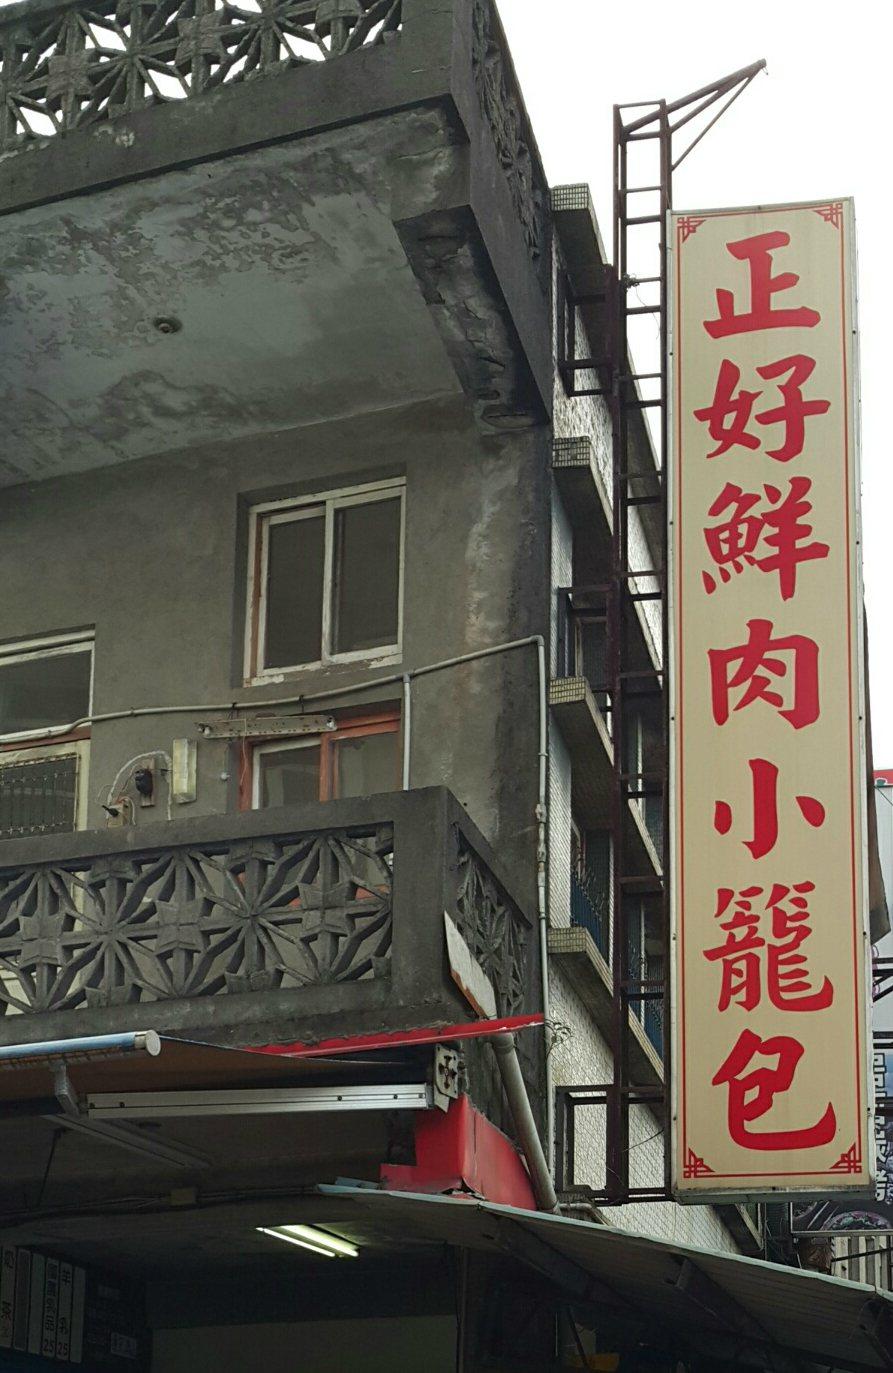 宜蘭「正好鮮肉小籠包」多年來一直都是排隊店。圖/聯合報系資料照片